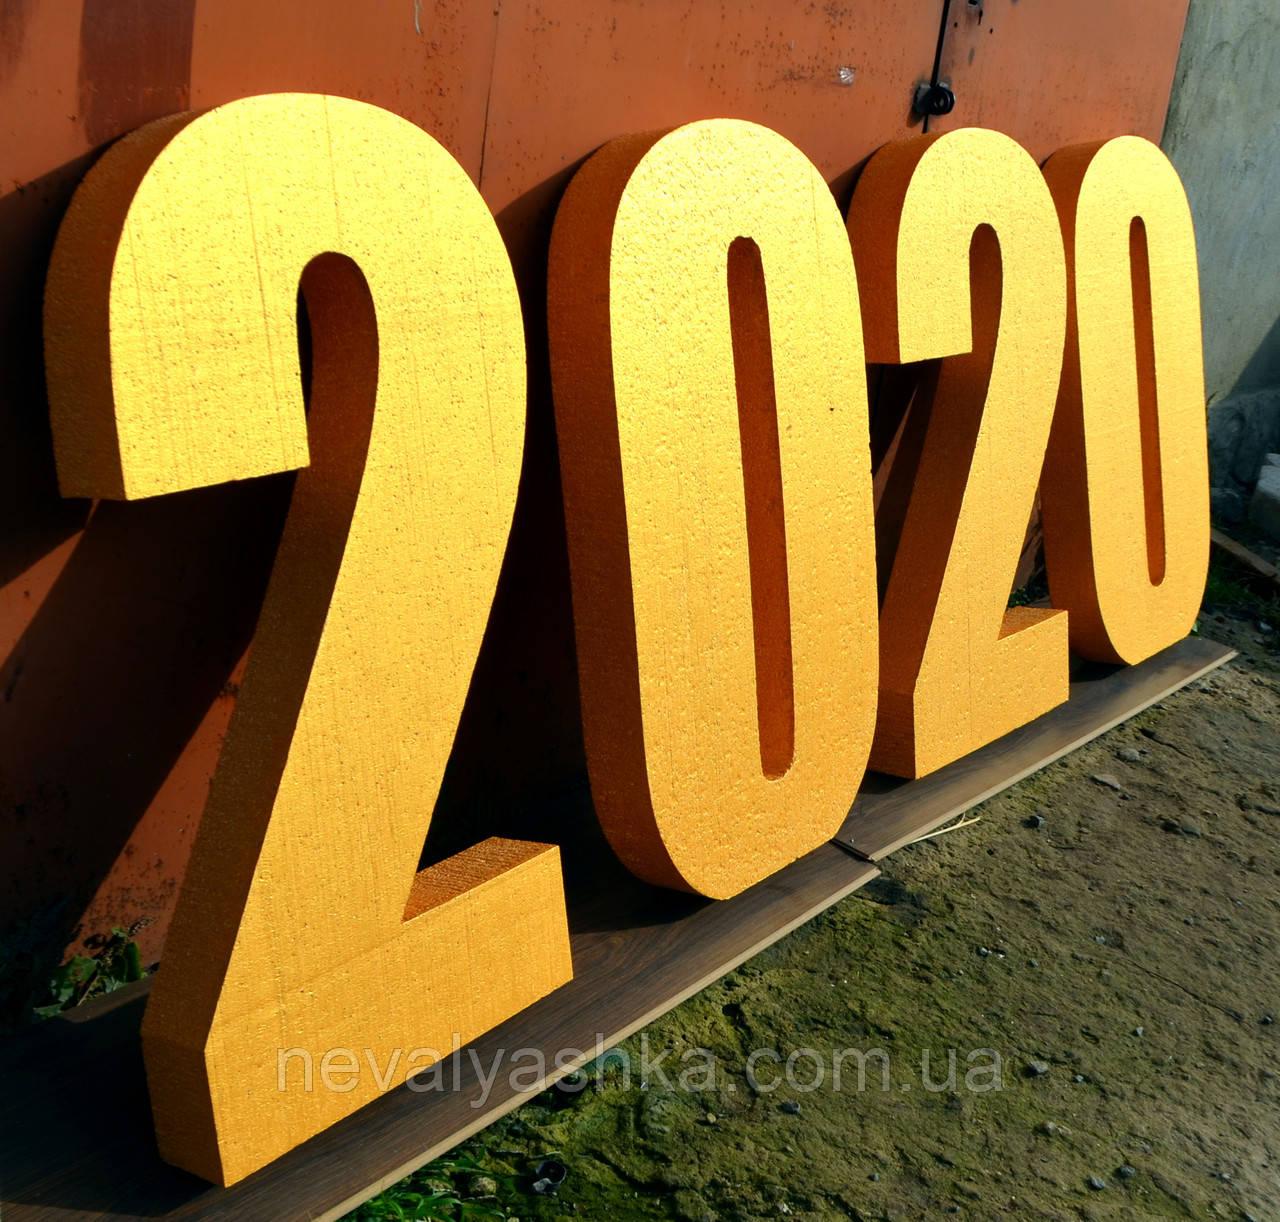 Золотые Буквы Цифры Из Пенопласта год 2020 в ЗОЛОТЕ 100 СМ Объемые Большие Декорации слова на день рождения